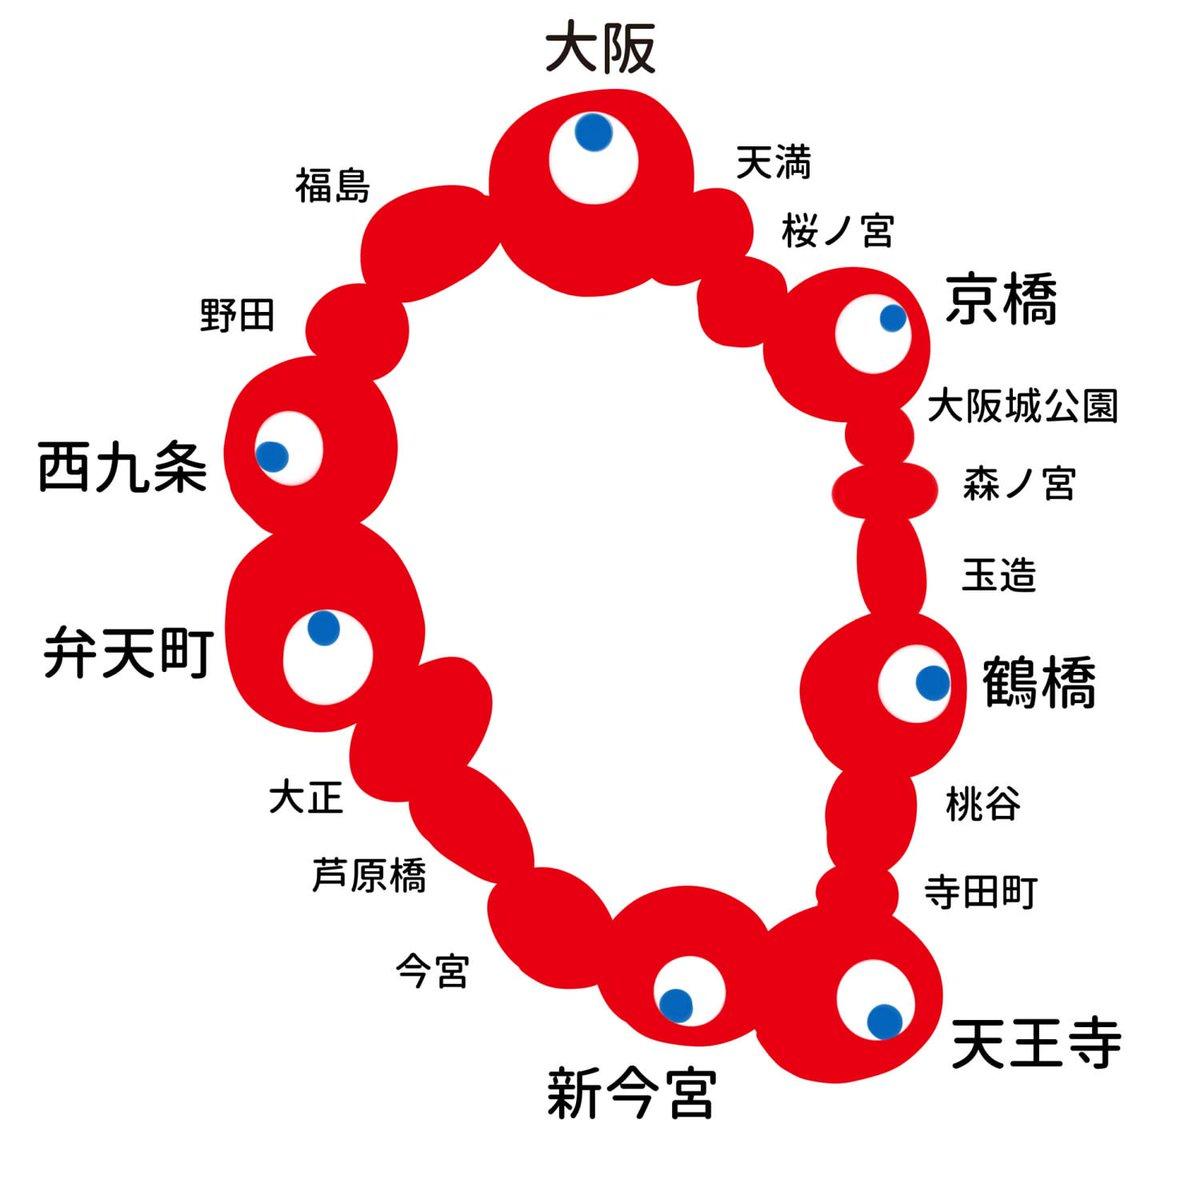 いのちの輝きくん、大阪環状線だった